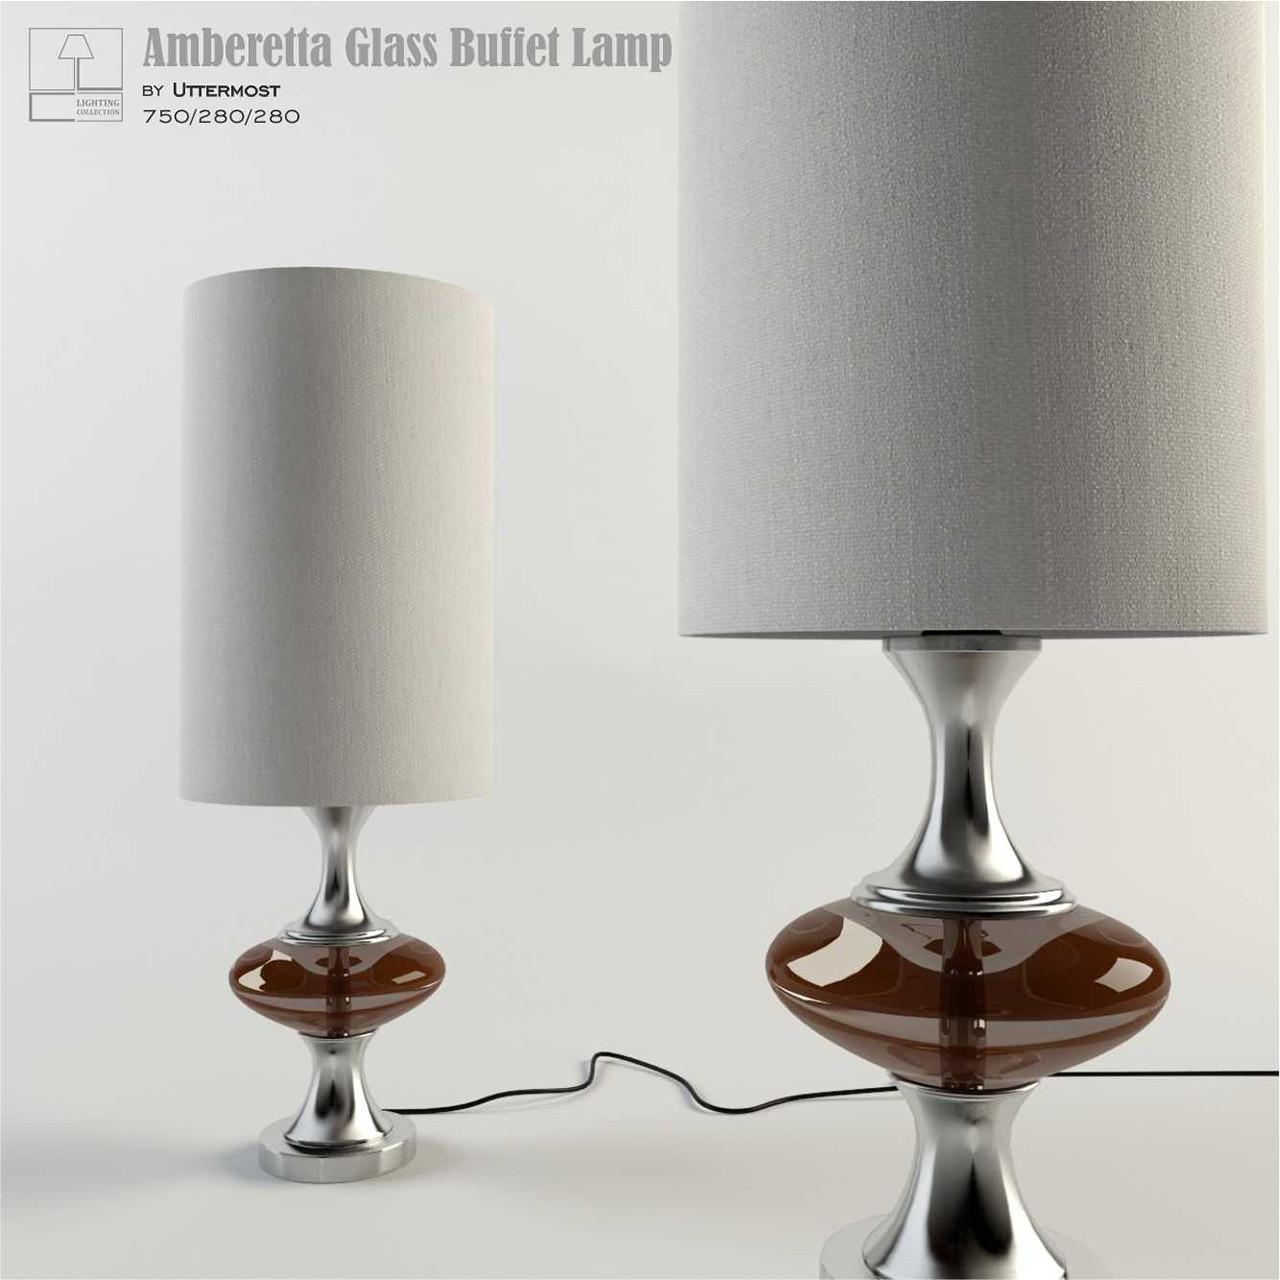 Amberetta Glass Buffet Lamp